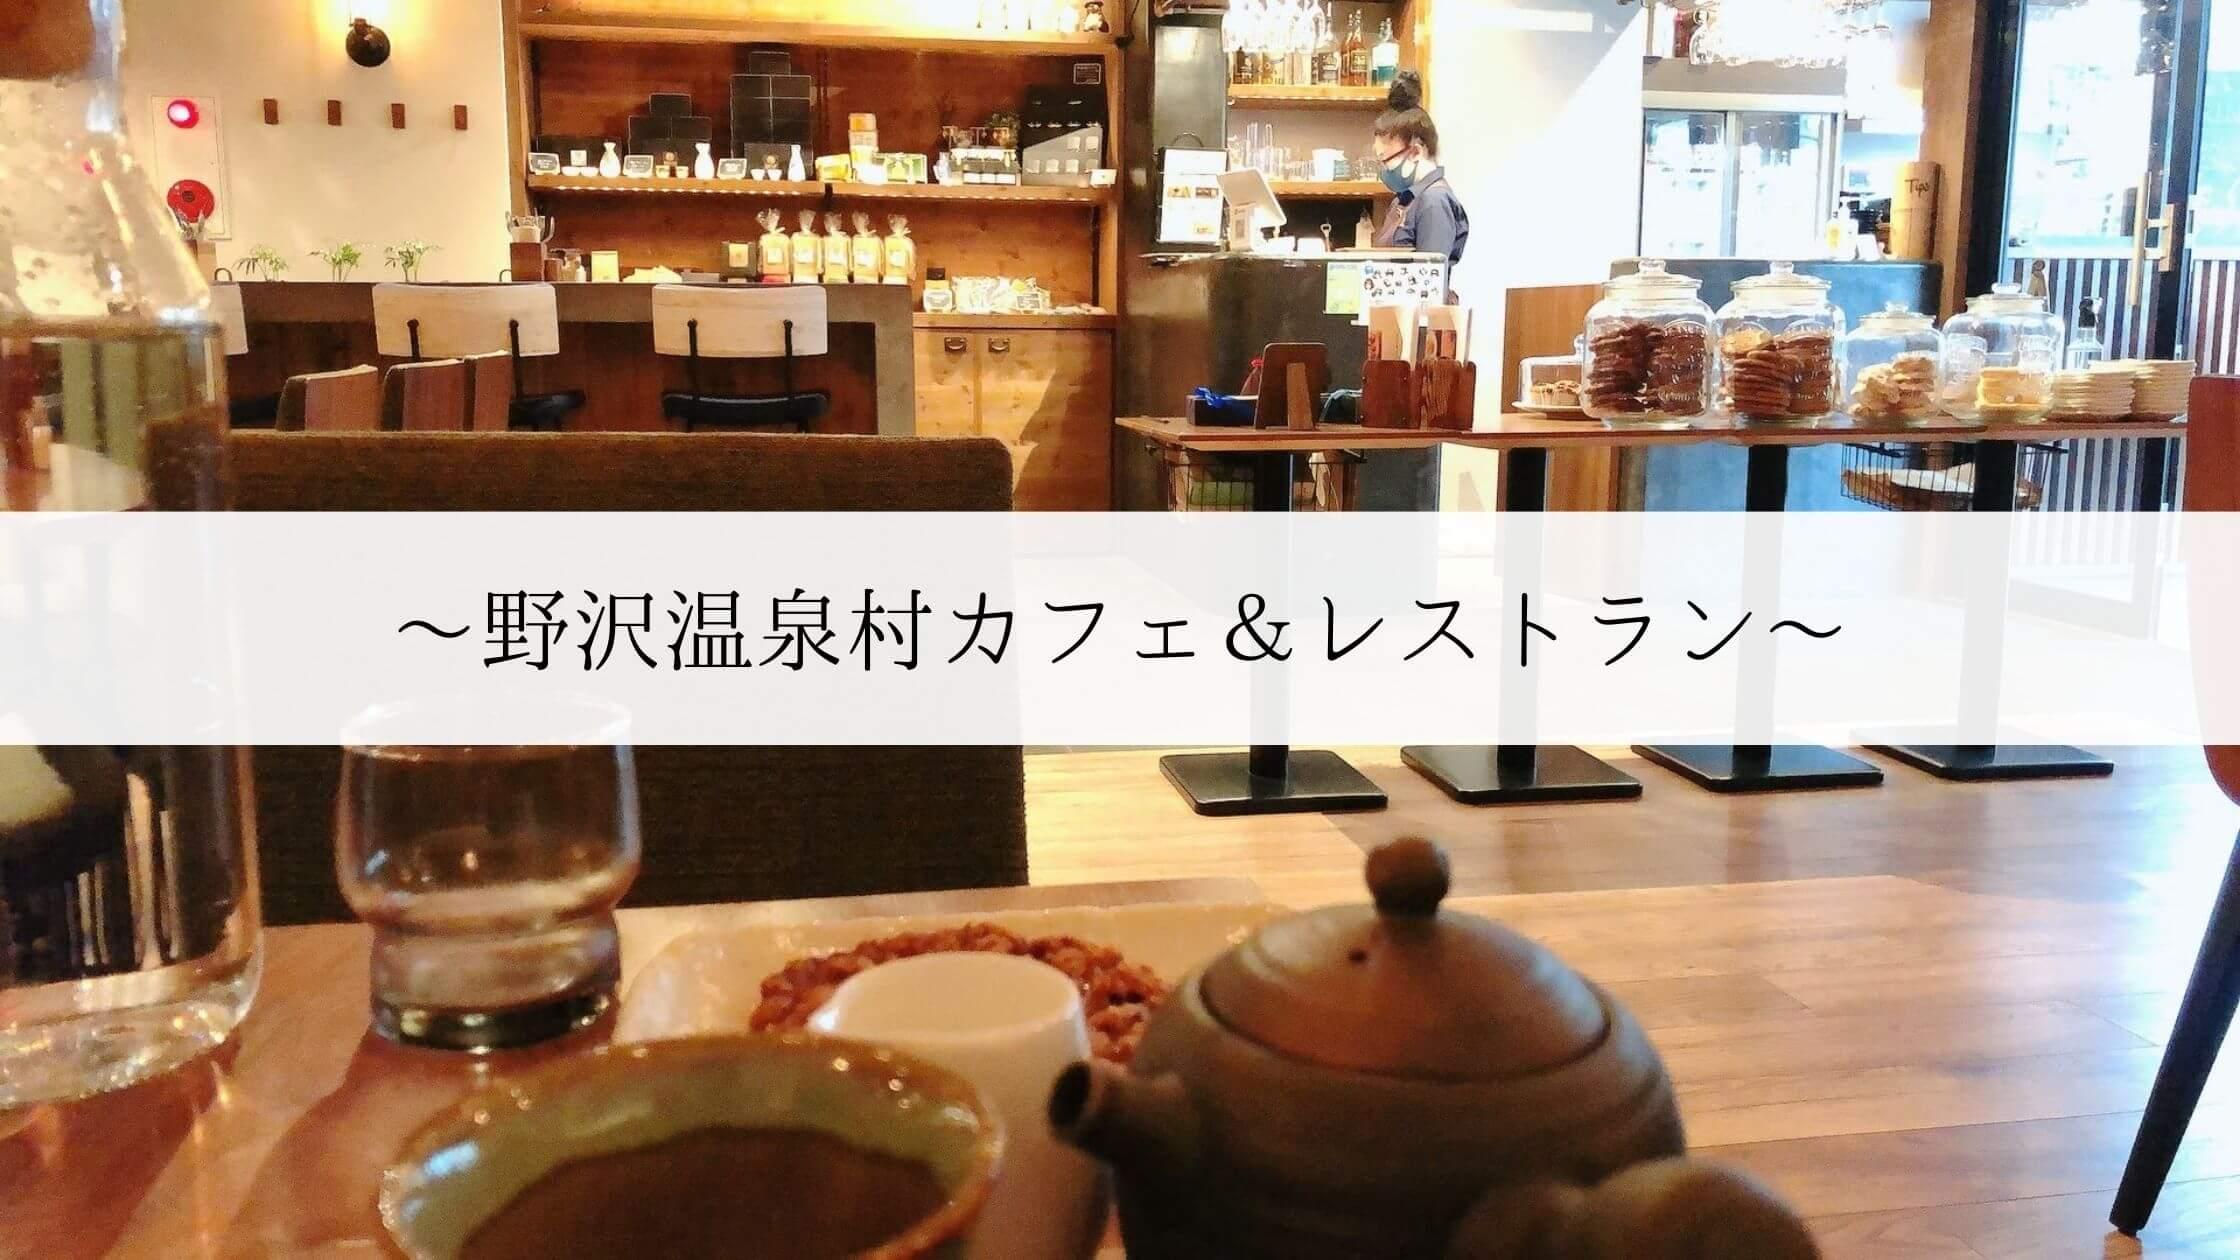 野沢温泉村カフェ&レストラン